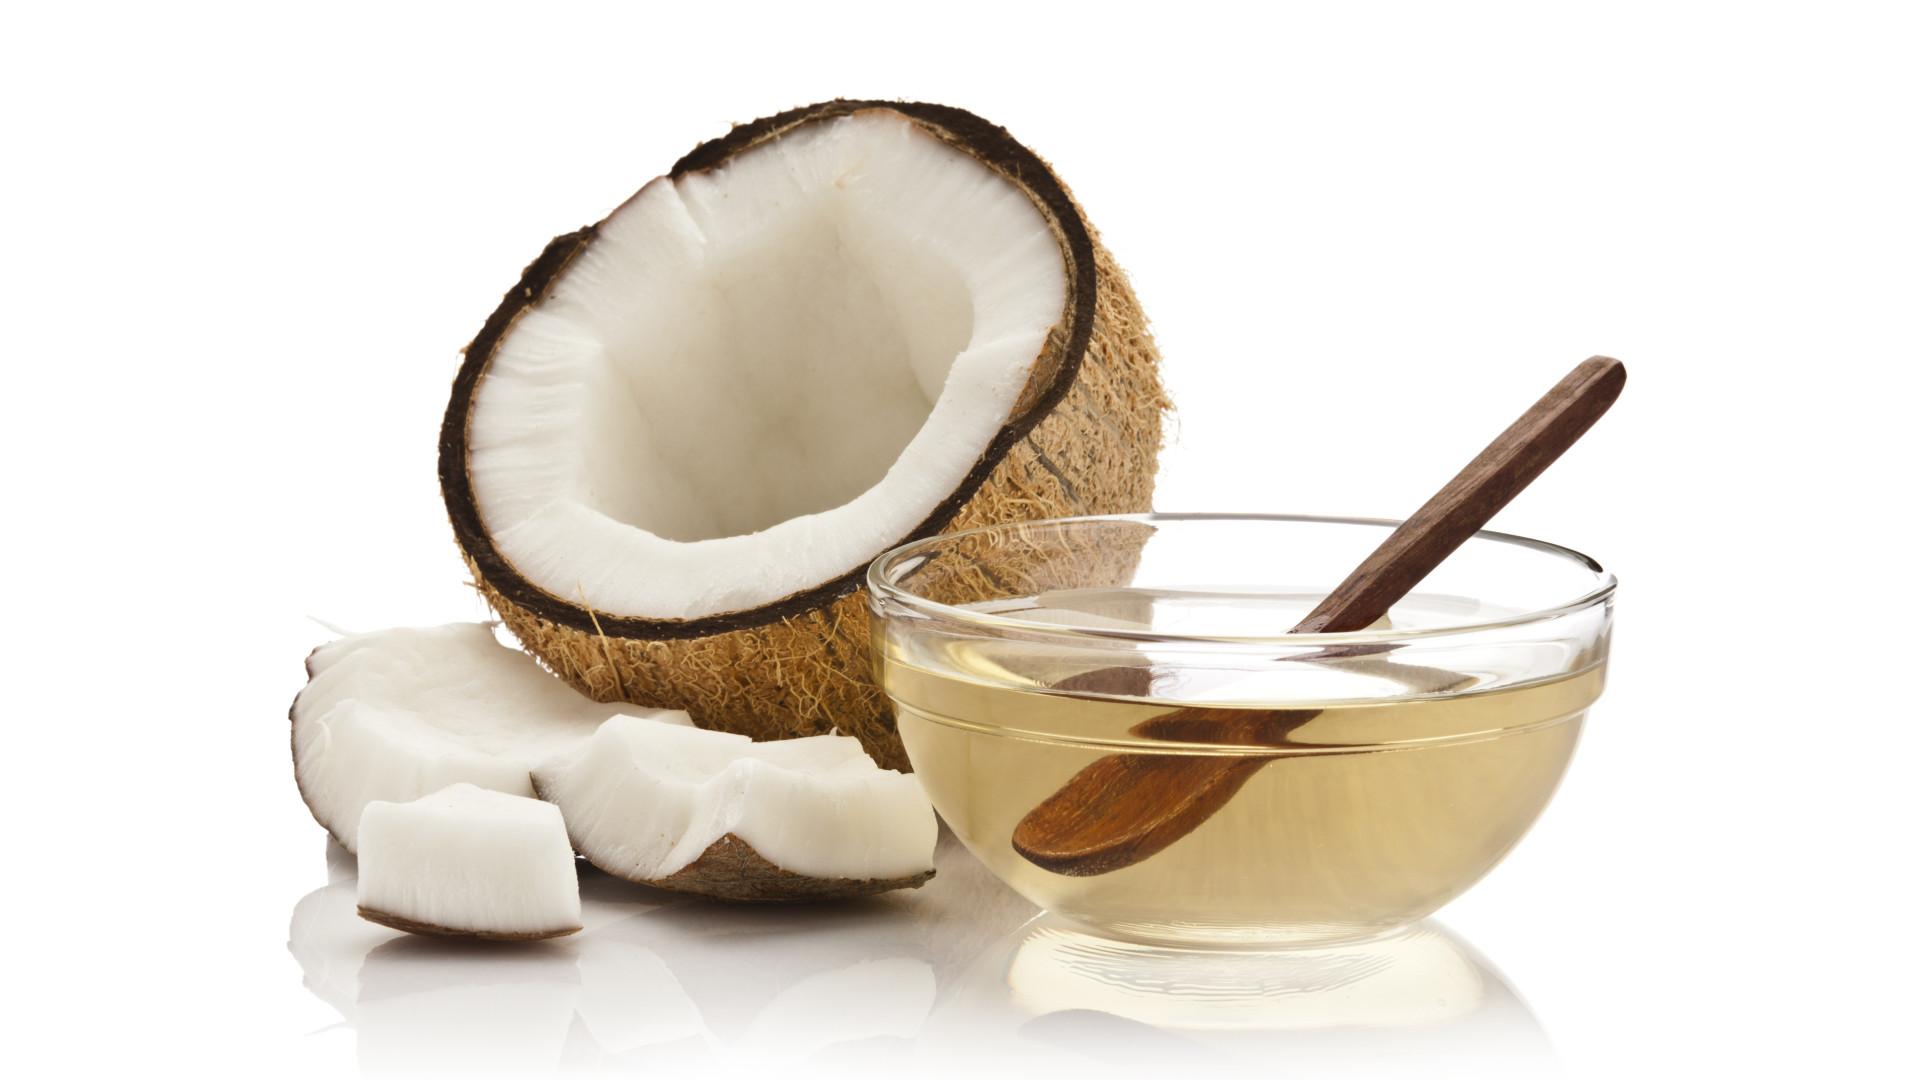 Superpoderes: Conheça sete boas razões para consumir óleo de coco